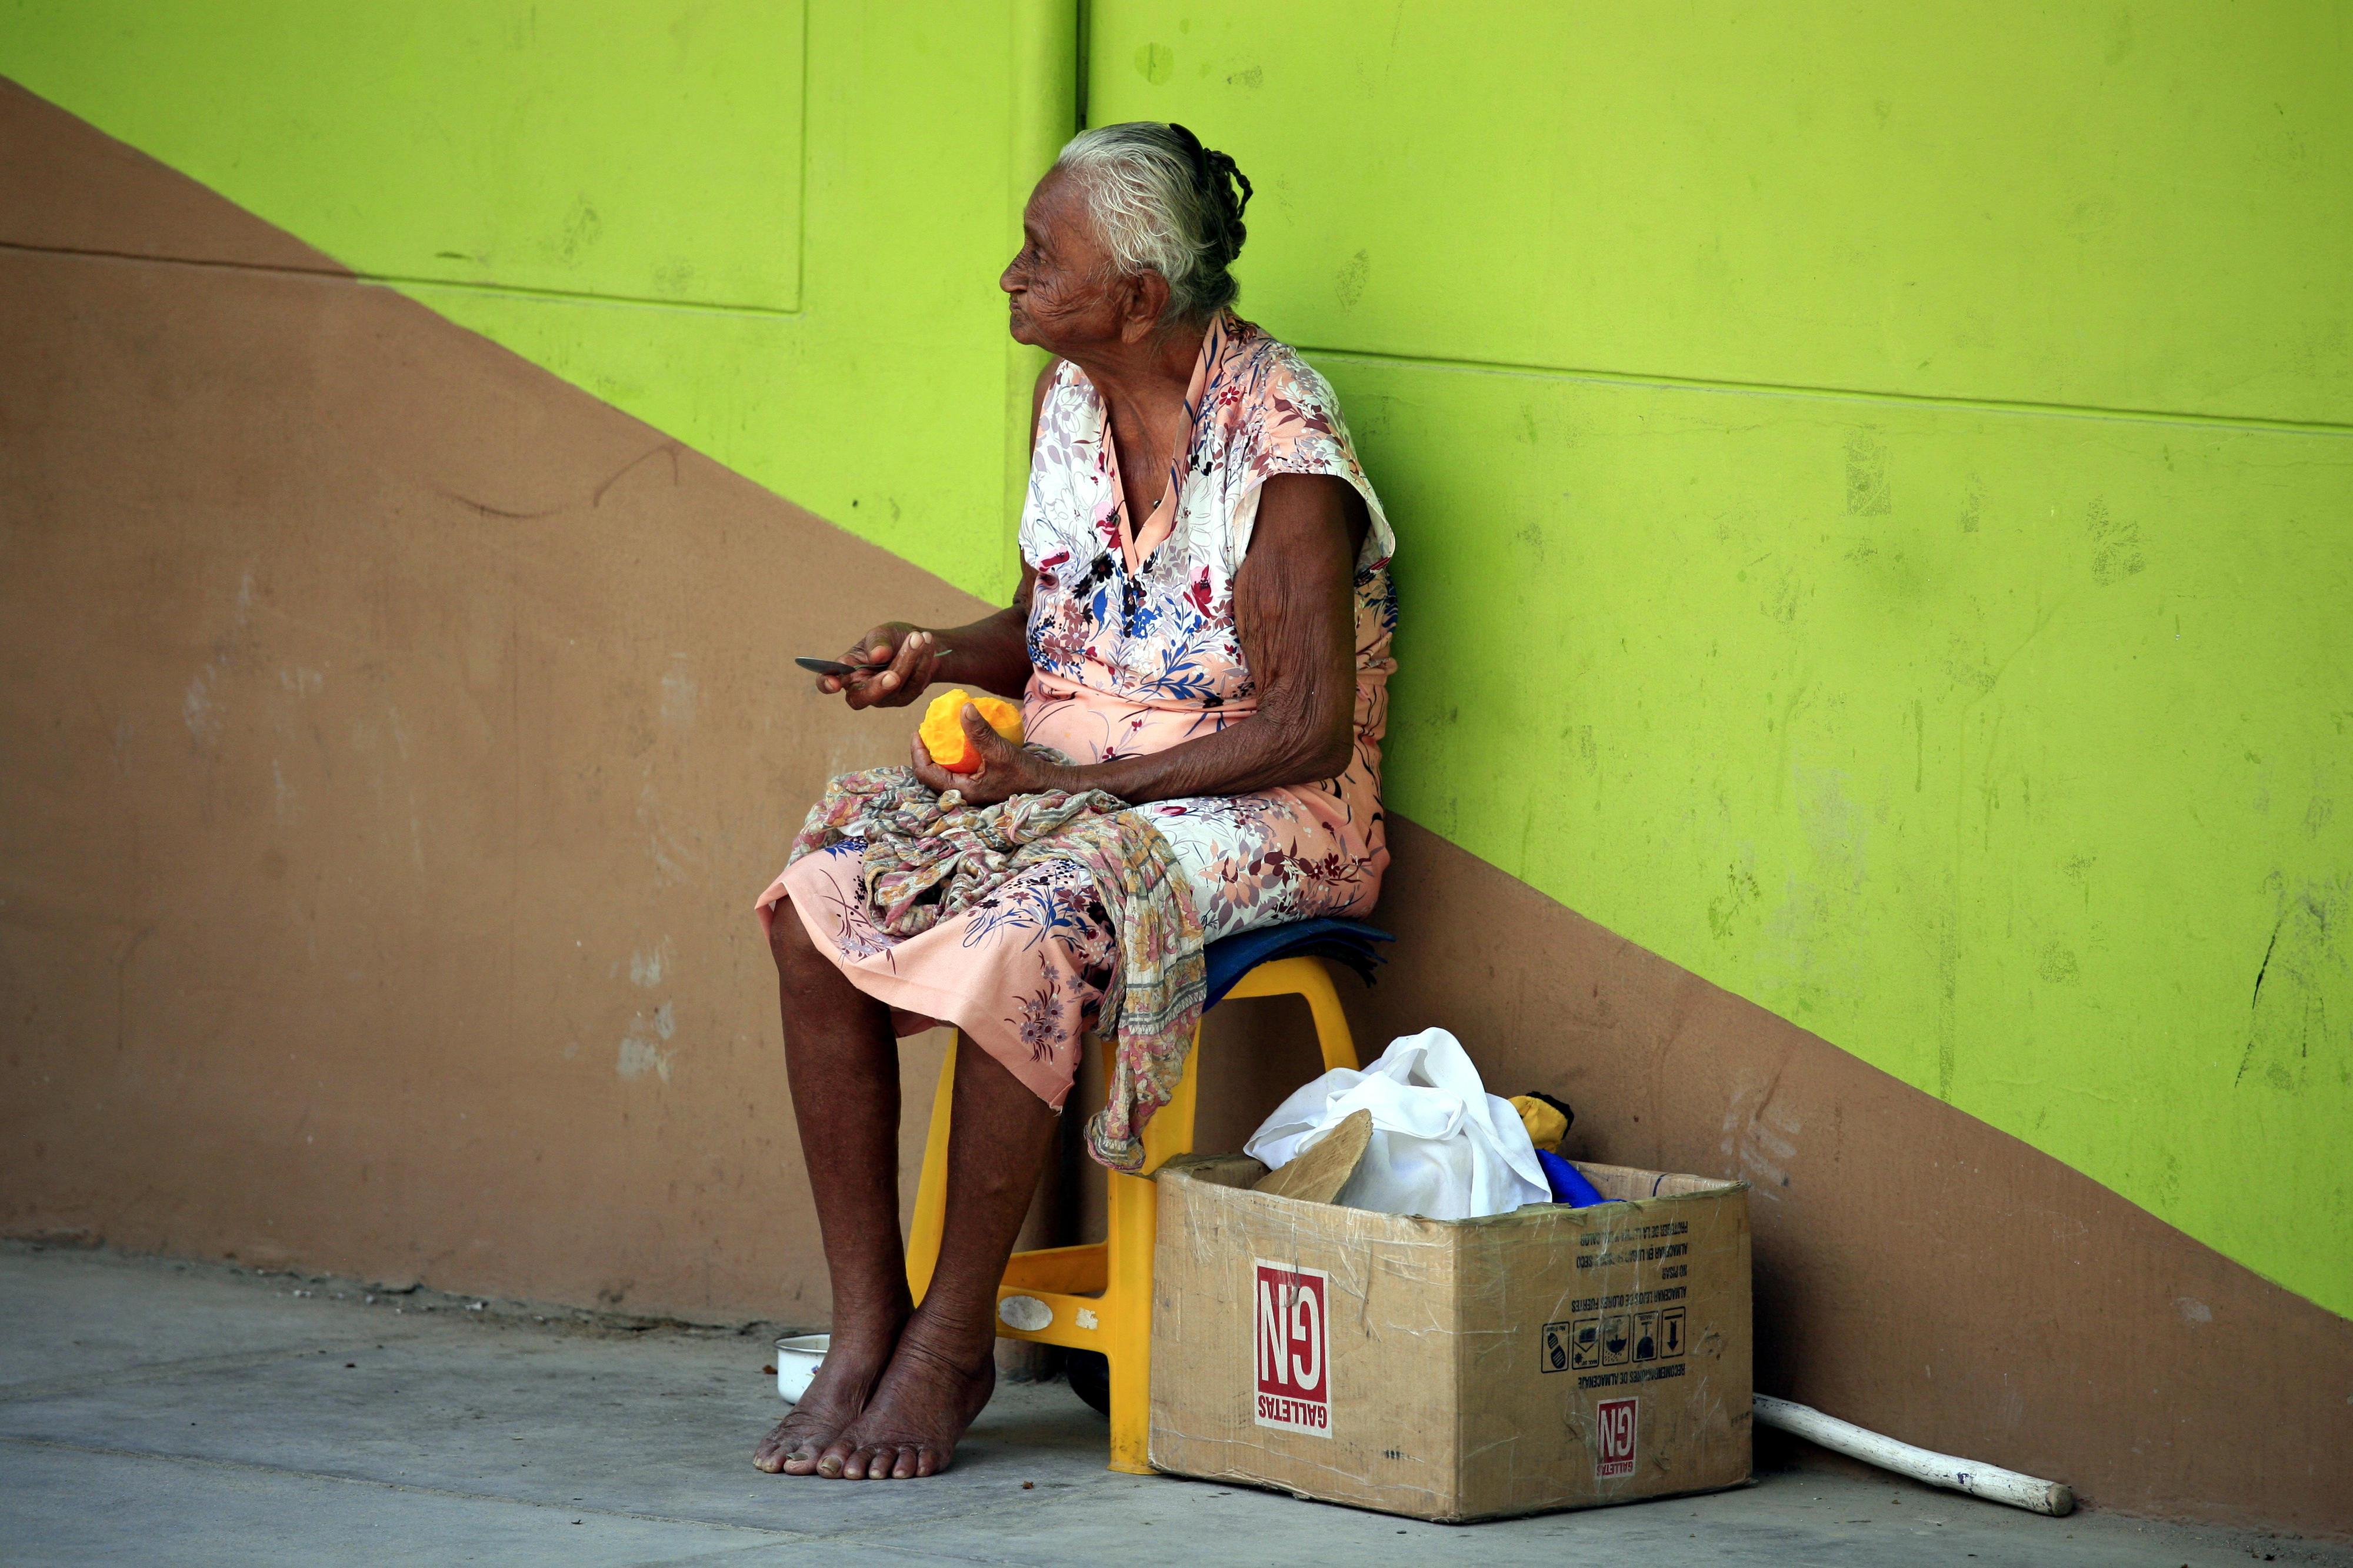 Eine ältere Frau schält eine Mango an einer Straße